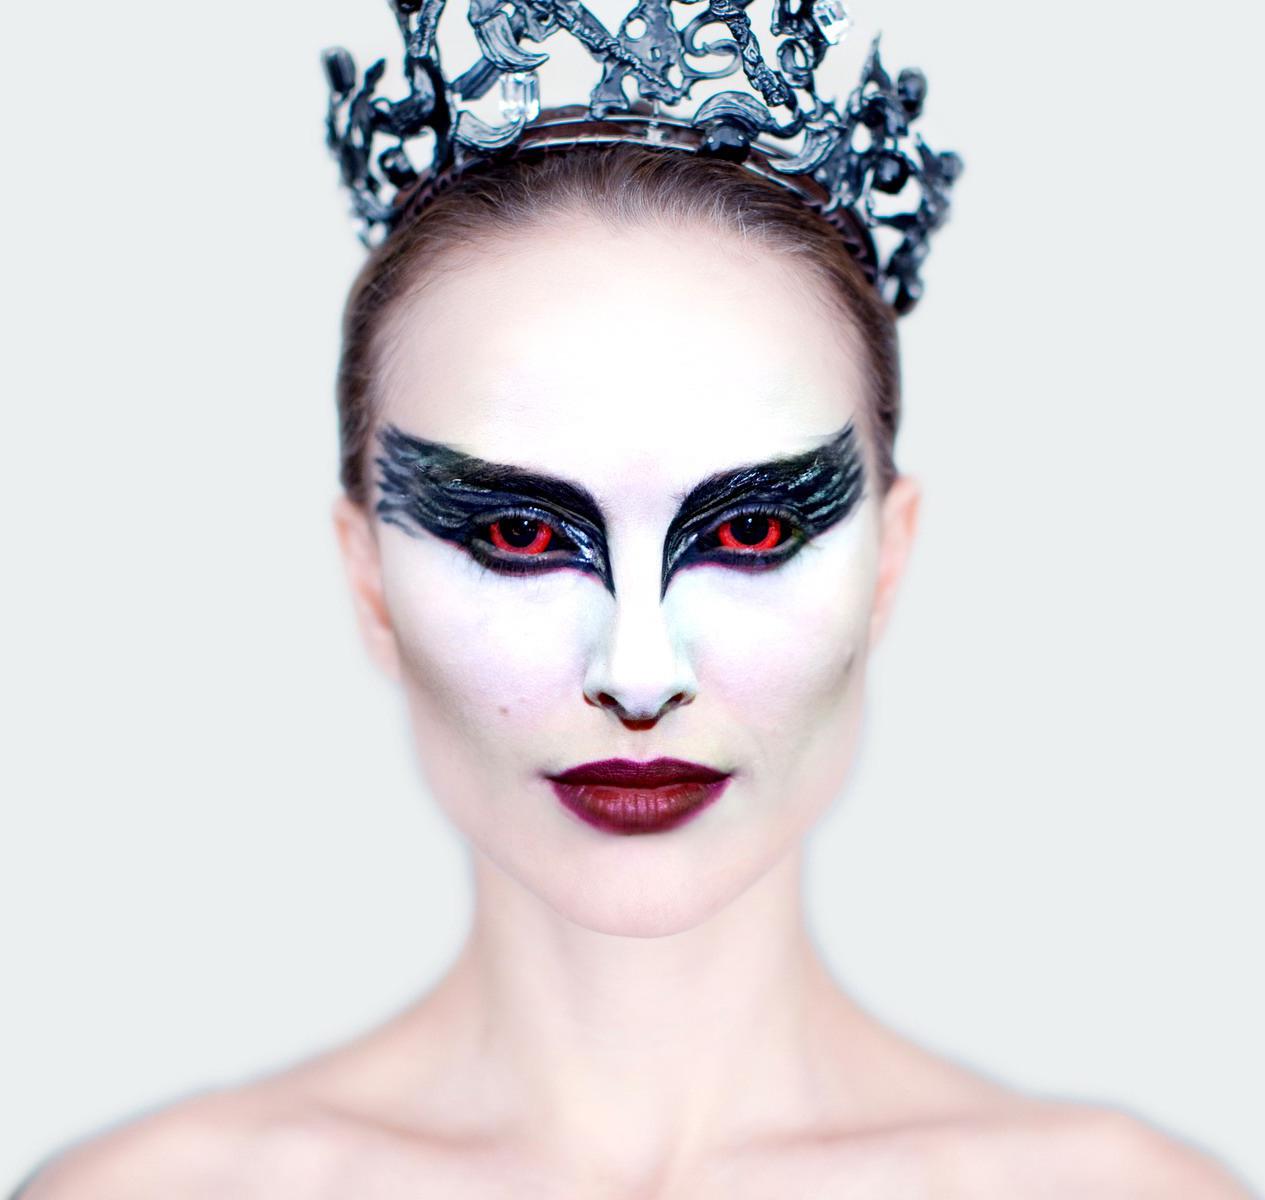 http://2.bp.blogspot.com/_VLabD8ZylGI/TStRJe5GwSI/AAAAAAAAADc/JKBNVDfYtw4/s1600/Black+Swan+1.jpg